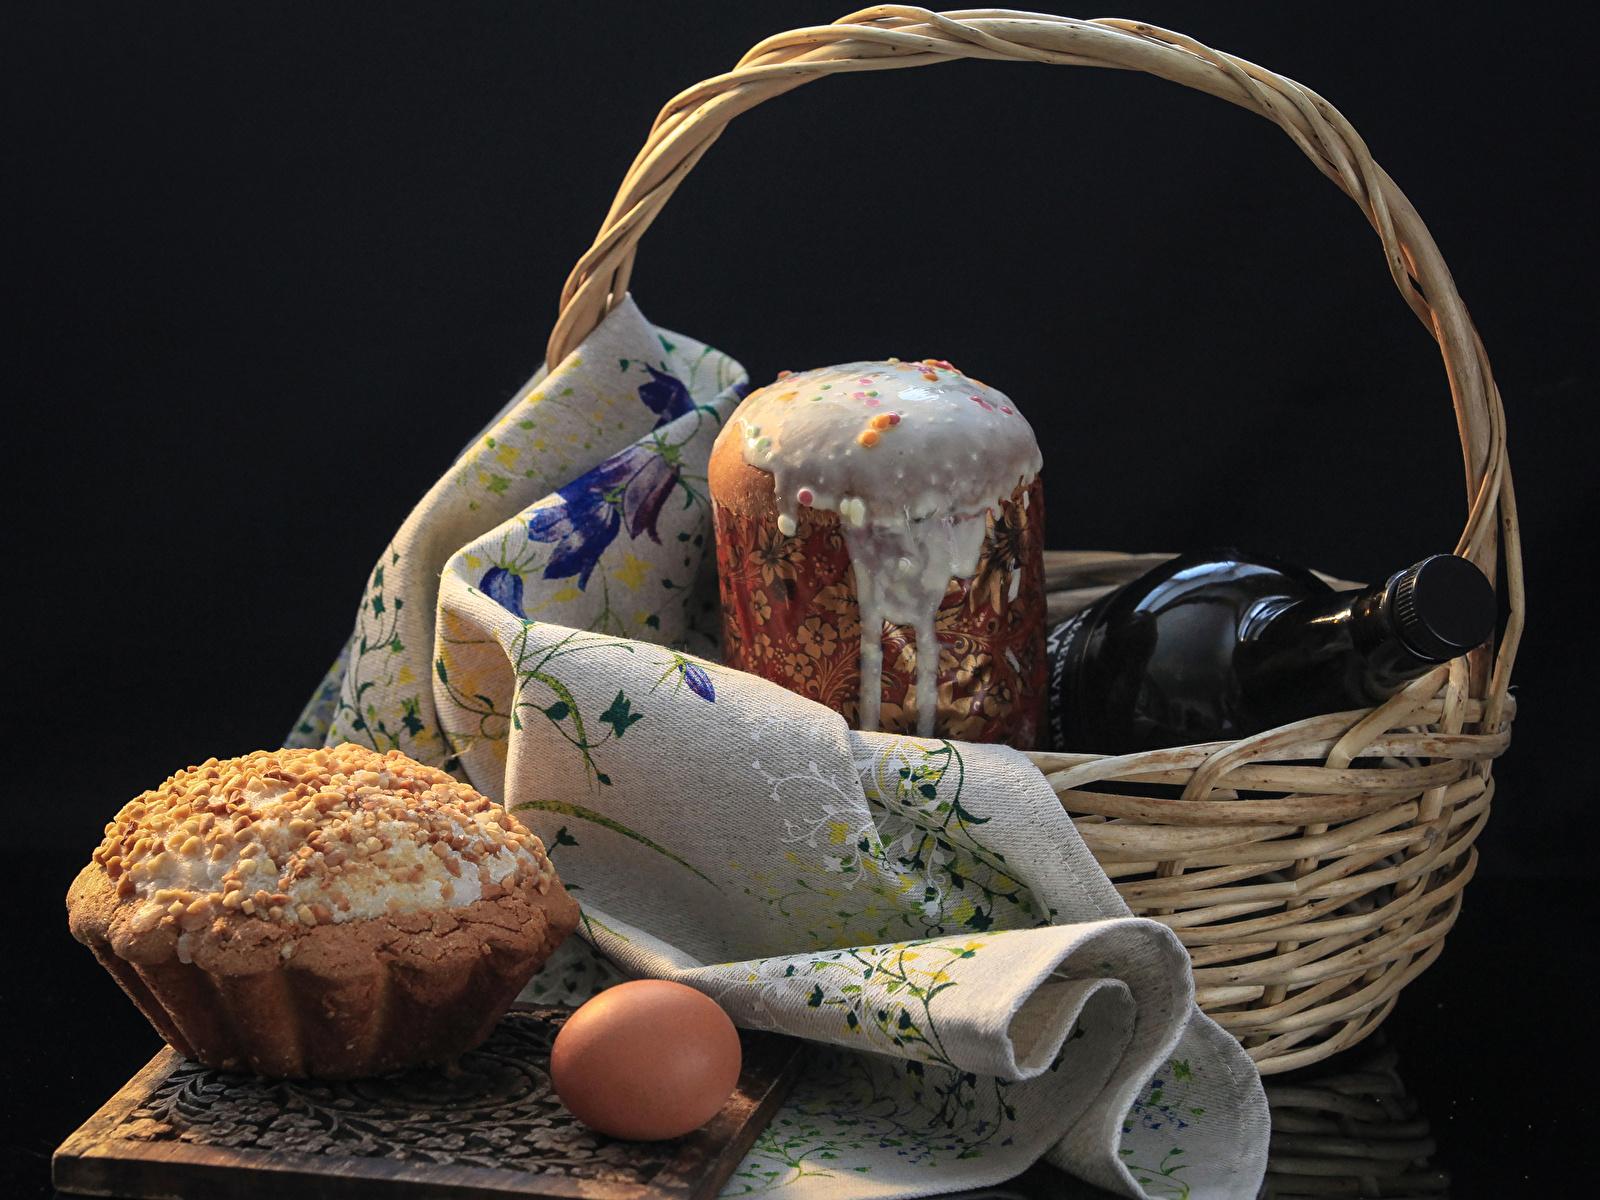 Фотографии Пасха Яйца Кулич Корзина Бутылка Продукты питания Выпечка Праздники Черный фон 1600x1200 яиц яйцо яйцами корзины Корзинка Еда Пища бутылки на черном фоне